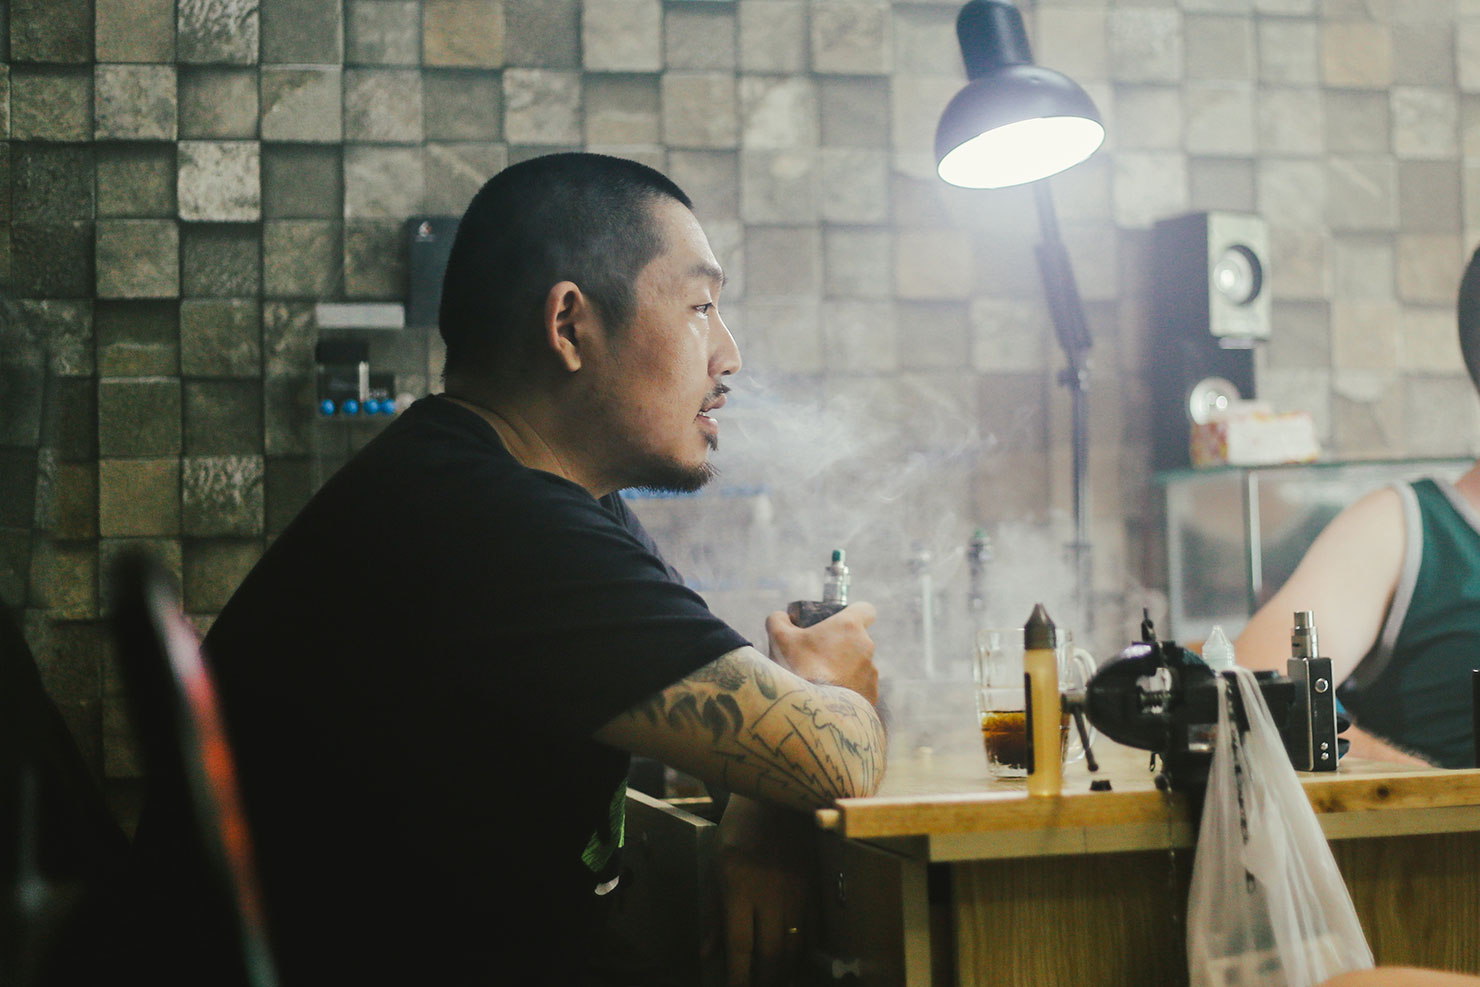 Vape Shop Vietnam- Dj's Vapes